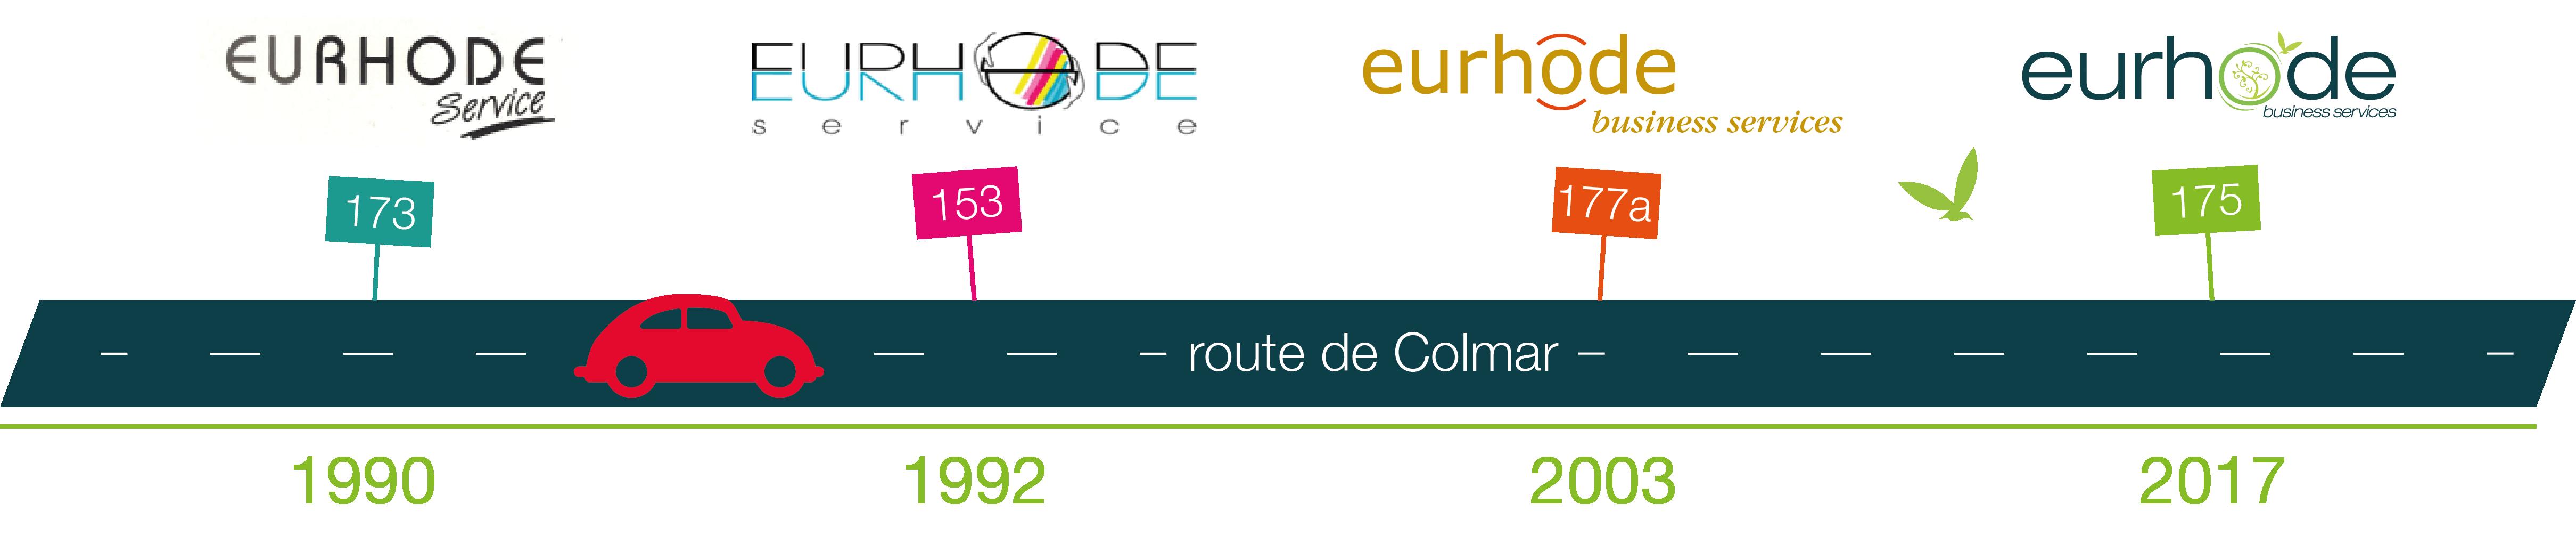 Historique - Agence communication globale Colmar - Eurhodes business services